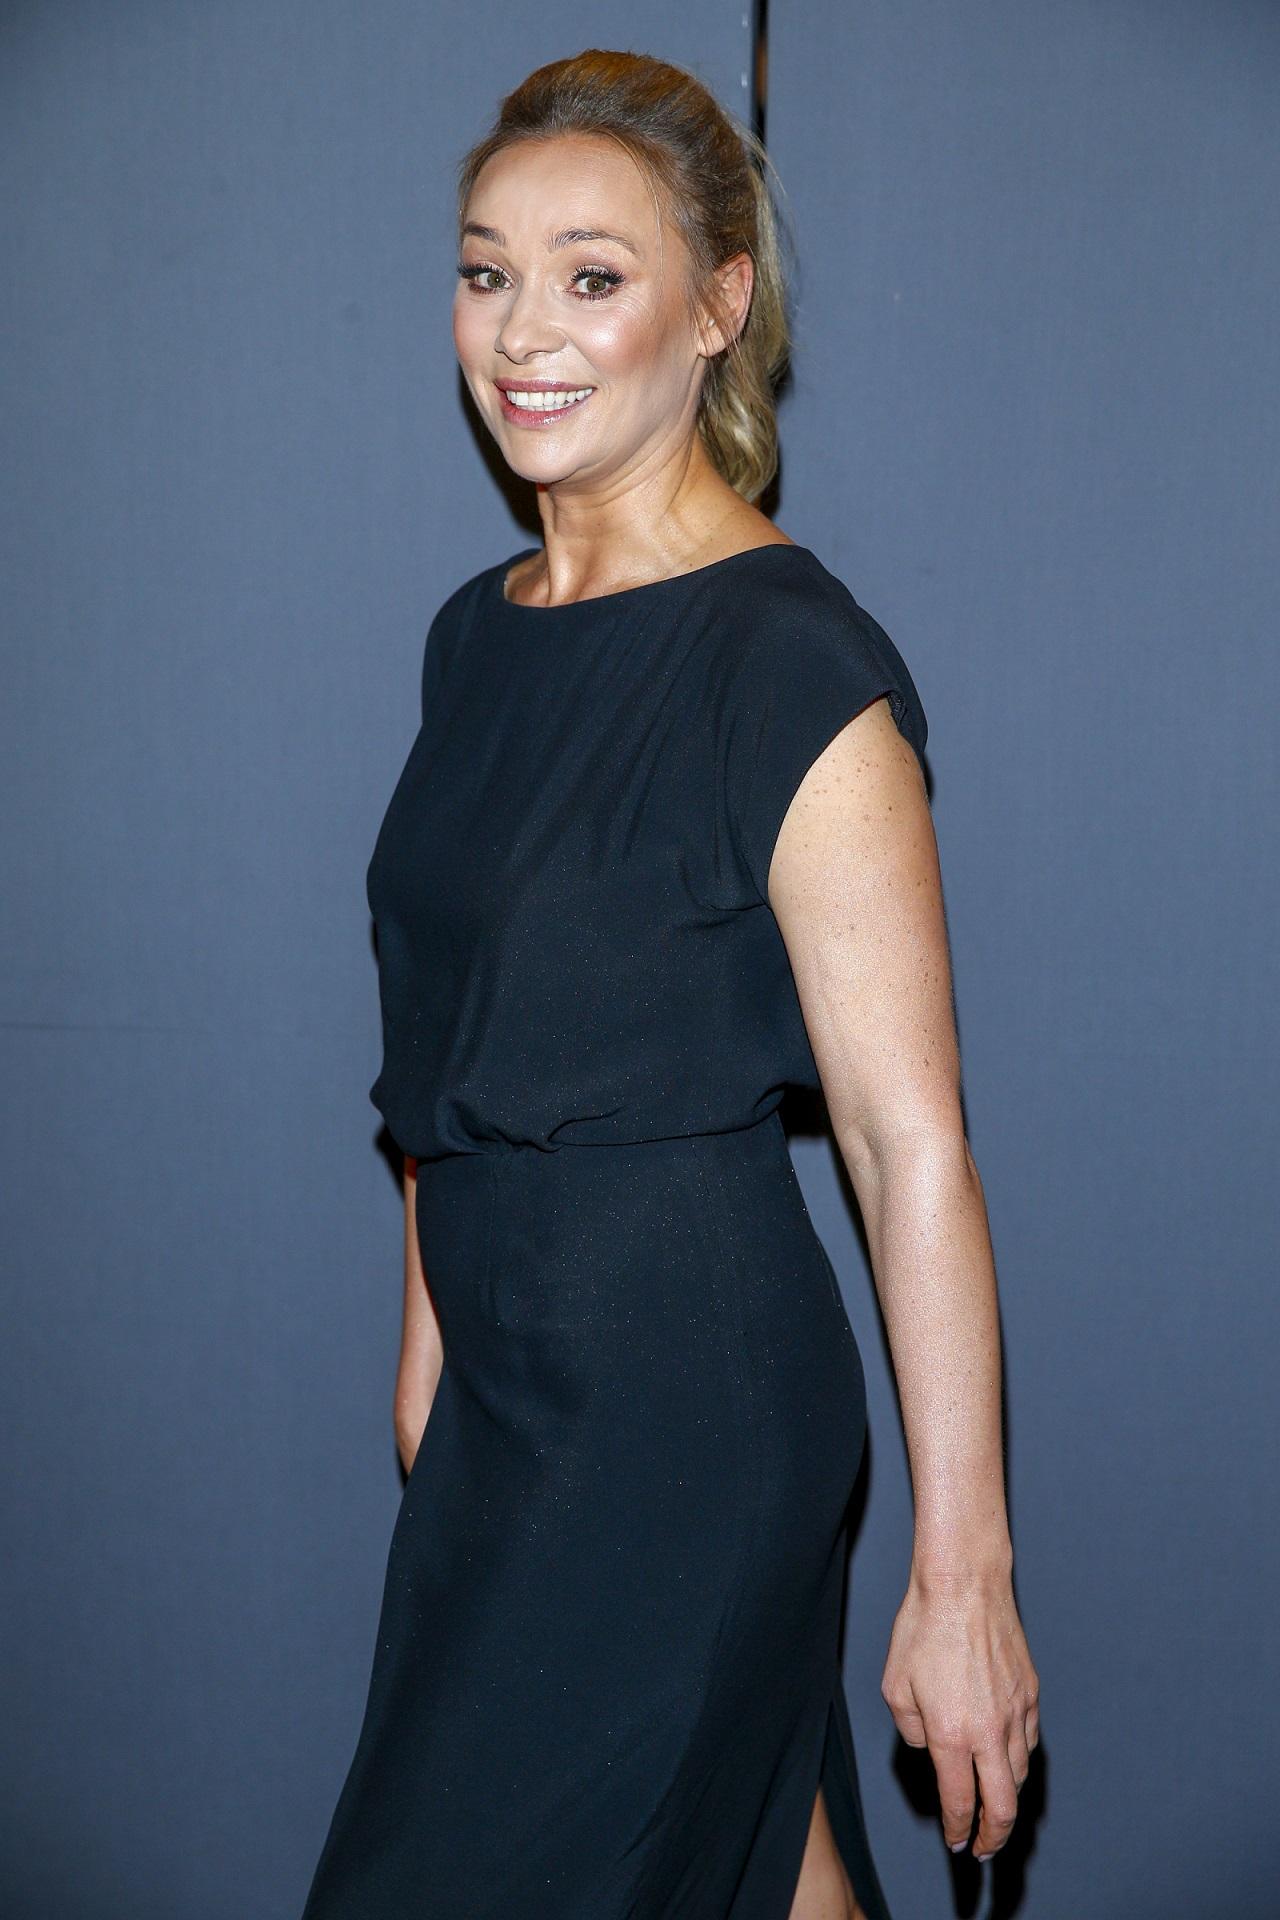 Sonia Bohosiewicz eleganckiej, czarnej sukience.